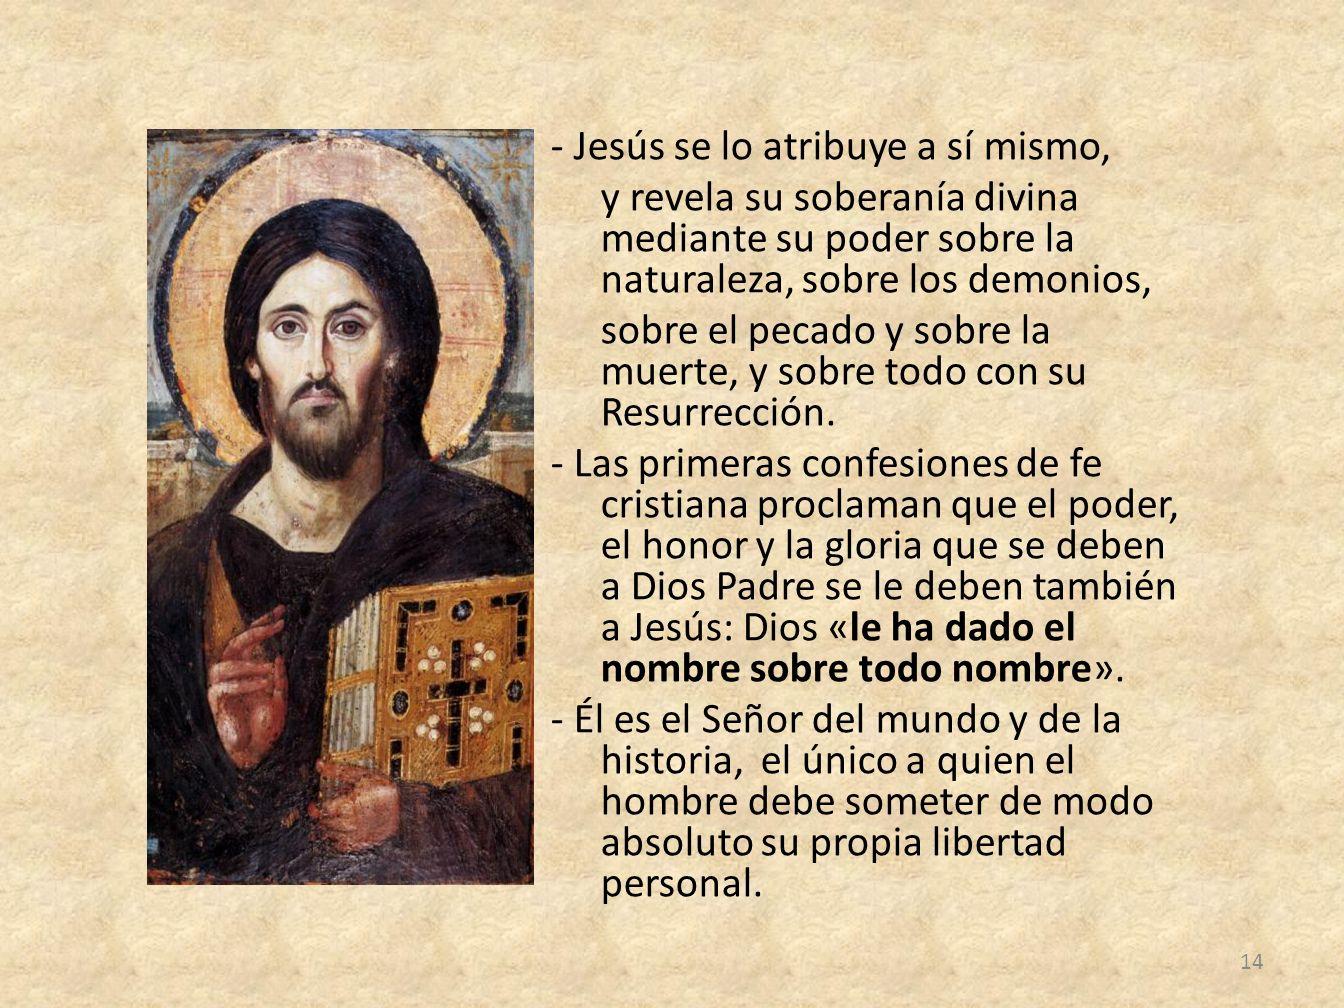 - Jesús se lo atribuye a sí mismo, y revela su soberanía divina mediante su poder sobre la naturaleza, sobre los demonios, sobre el pecado y sobre la muerte, y sobre todo con su Resurrección.